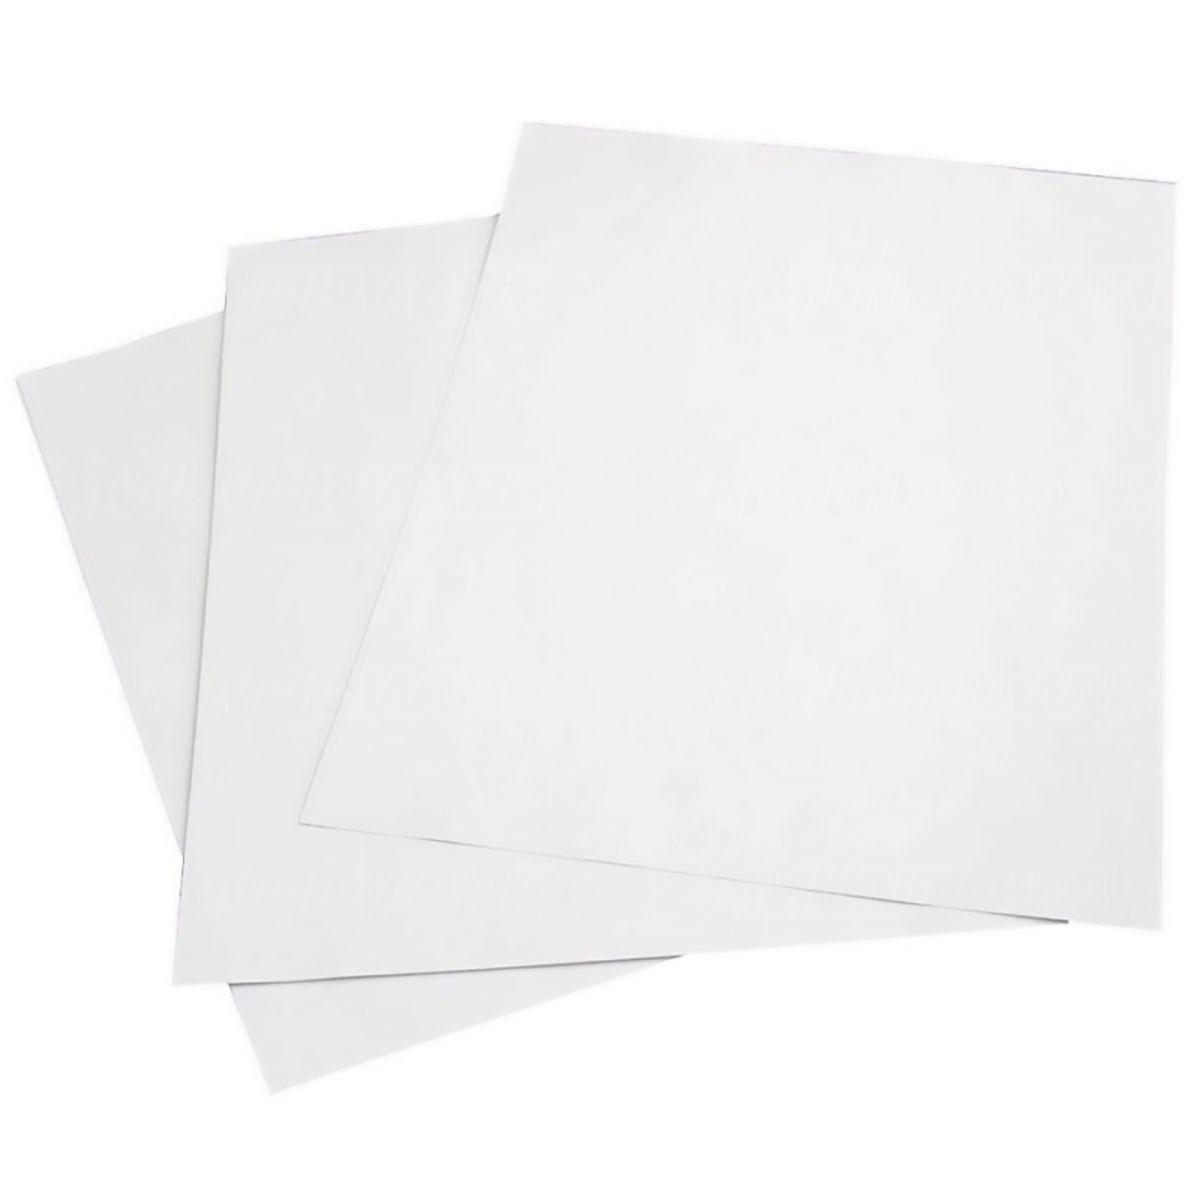 Papel Foto Adesivo Matte Fosco 108g A4 Branco Resistente à Água / 500 folhas